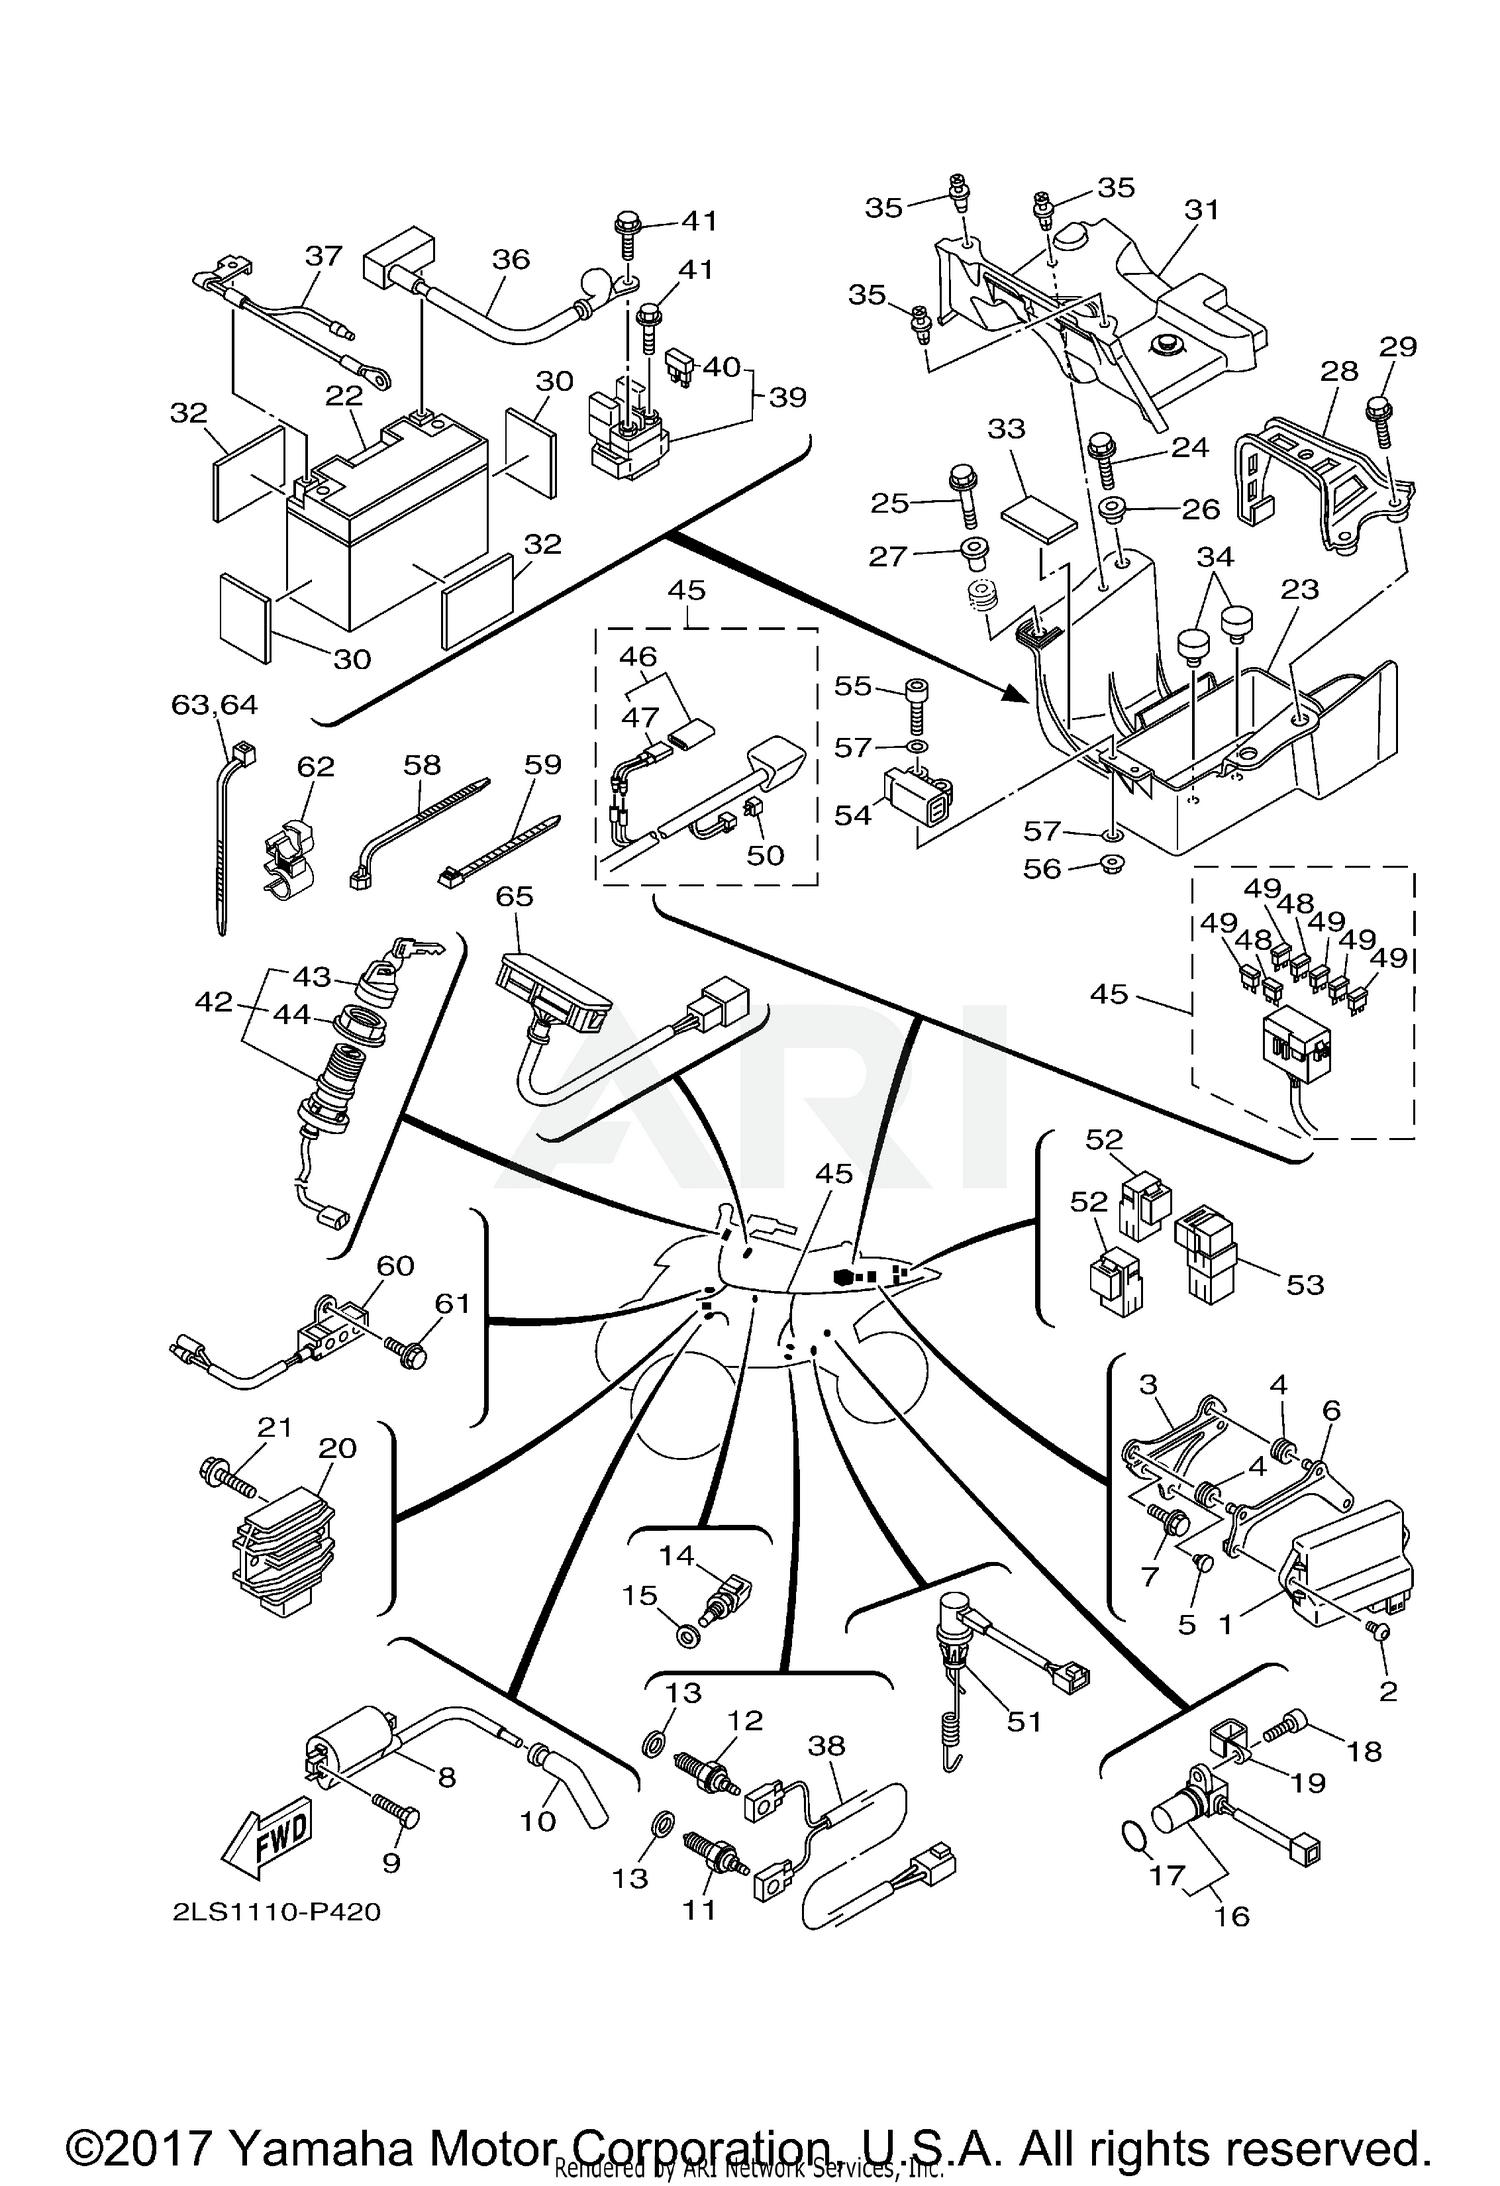 Raptor 700 Wiring Diagram - Wiring Diagram